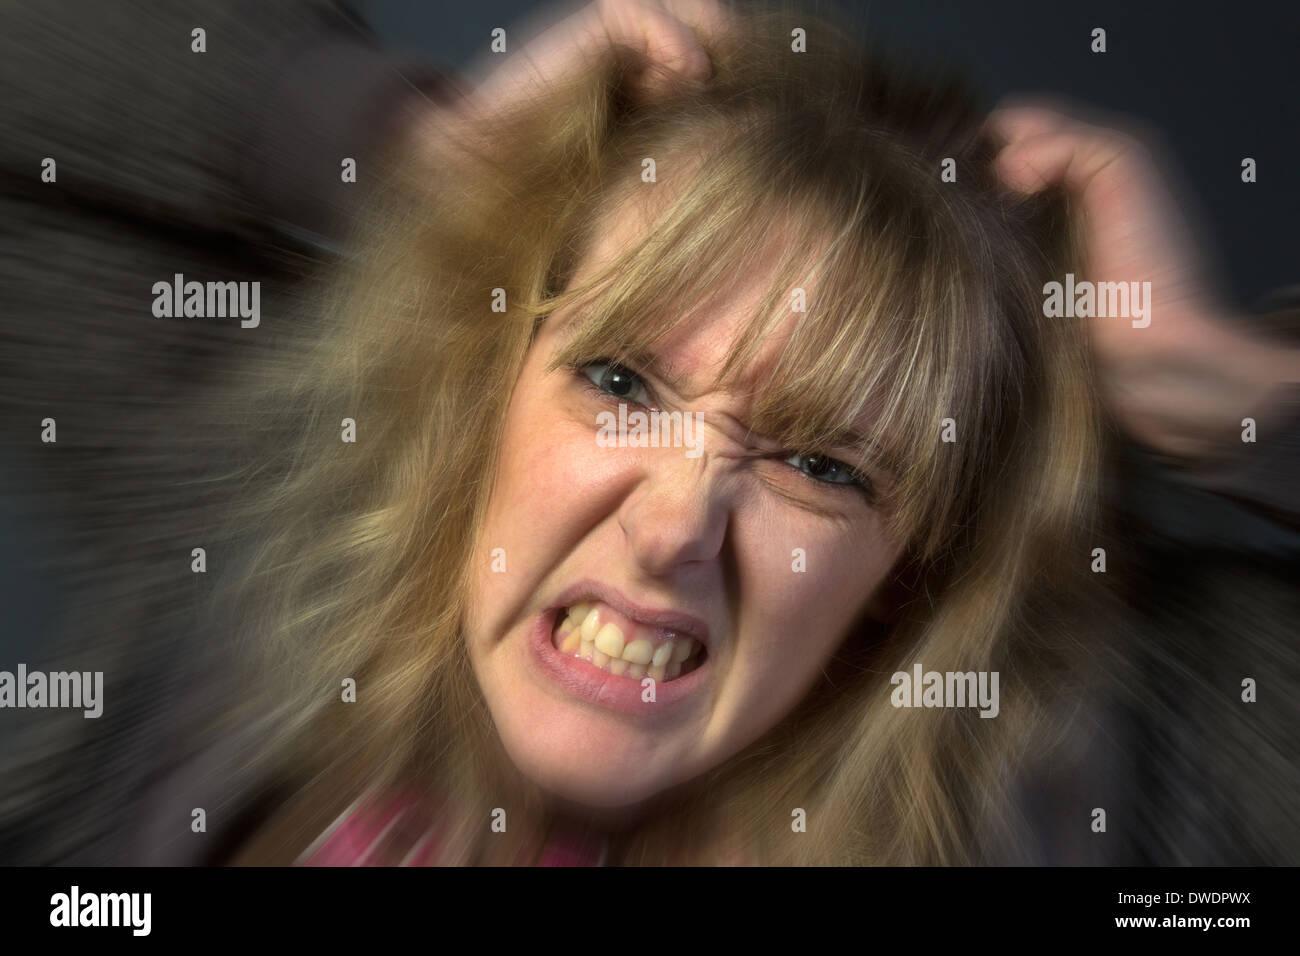 Un furioso joven rompiendo sus pelos. Foto de stock